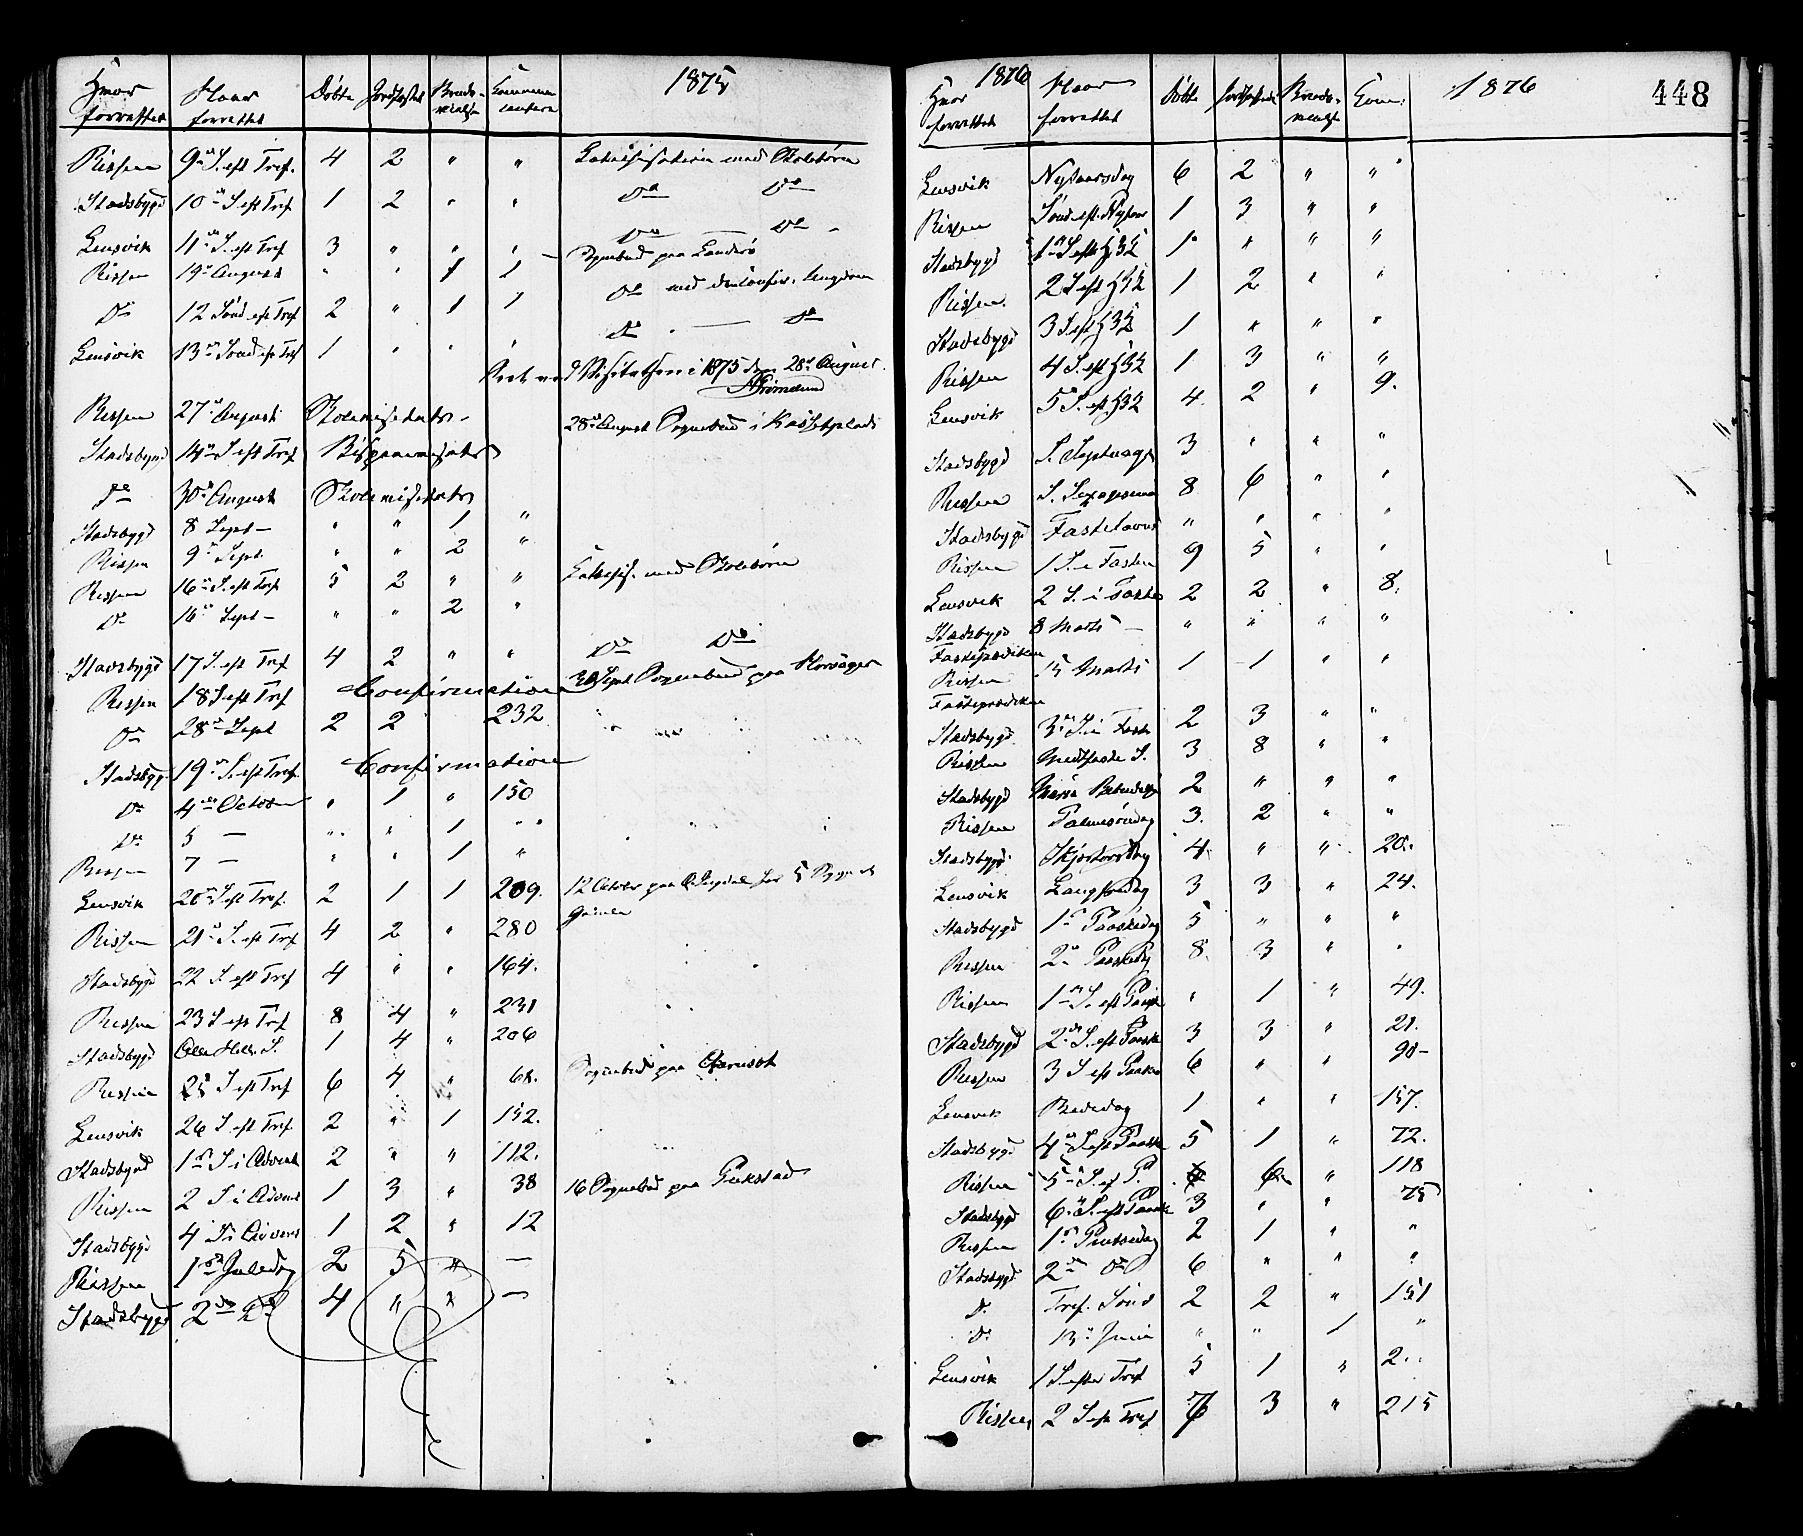 SAT, Ministerialprotokoller, klokkerbøker og fødselsregistre - Sør-Trøndelag, 646/L0613: Ministerialbok nr. 646A11, 1870-1884, s. 448